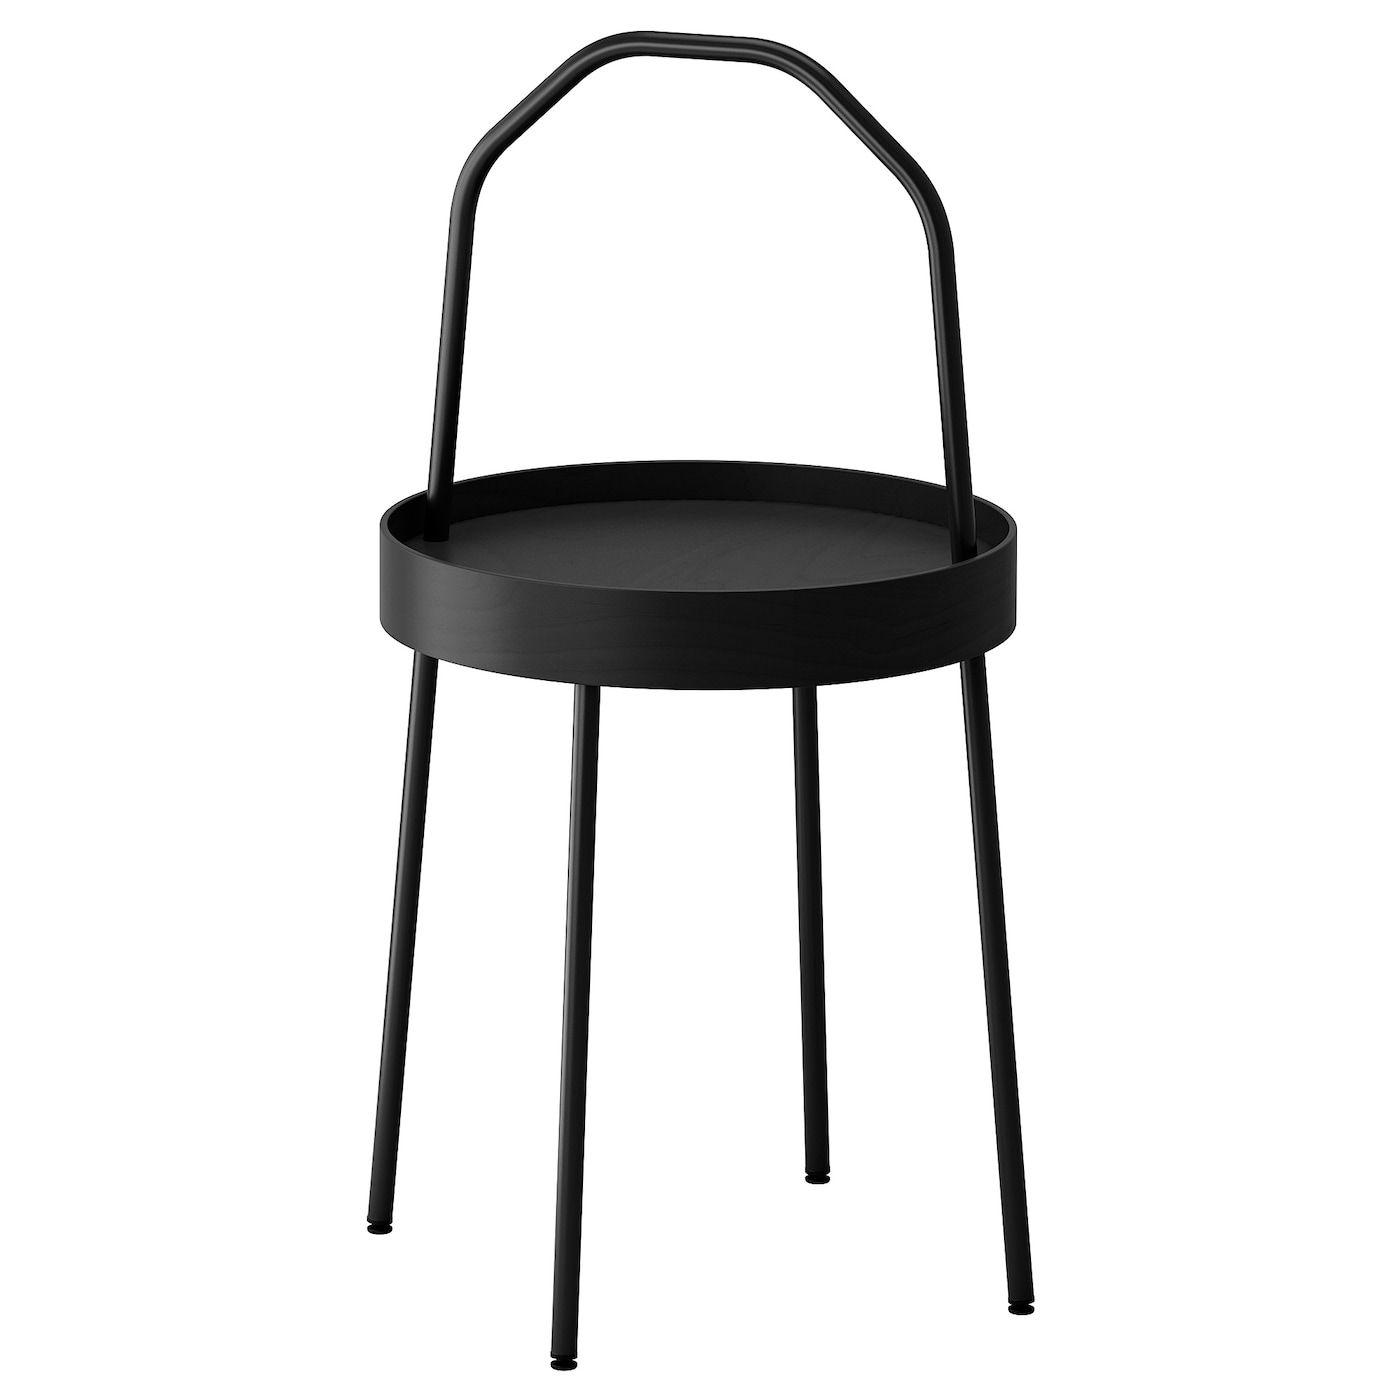 Burvik Side Table Black 38 Cm Ikea Ireland Black Side Table Side Table Ikea Side Table [ 1400 x 1400 Pixel ]